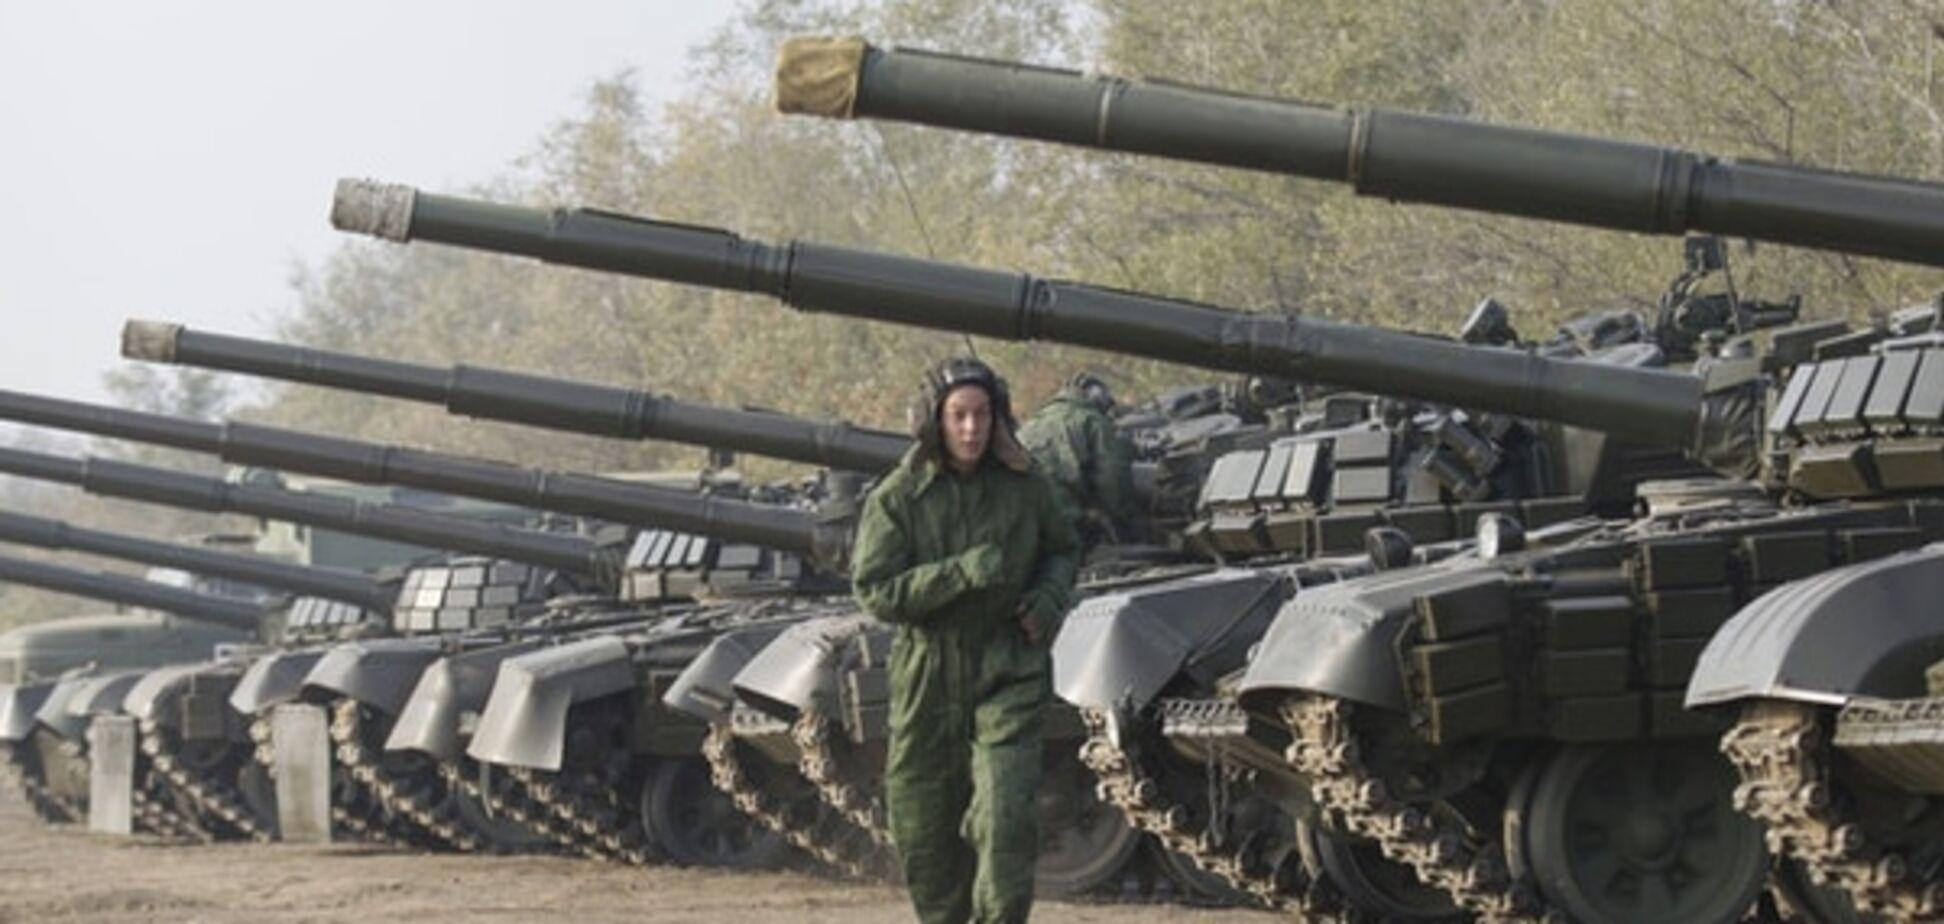 Додому через Сирію: Росія поставила умови своїм найманцям для повернення з Донбасу